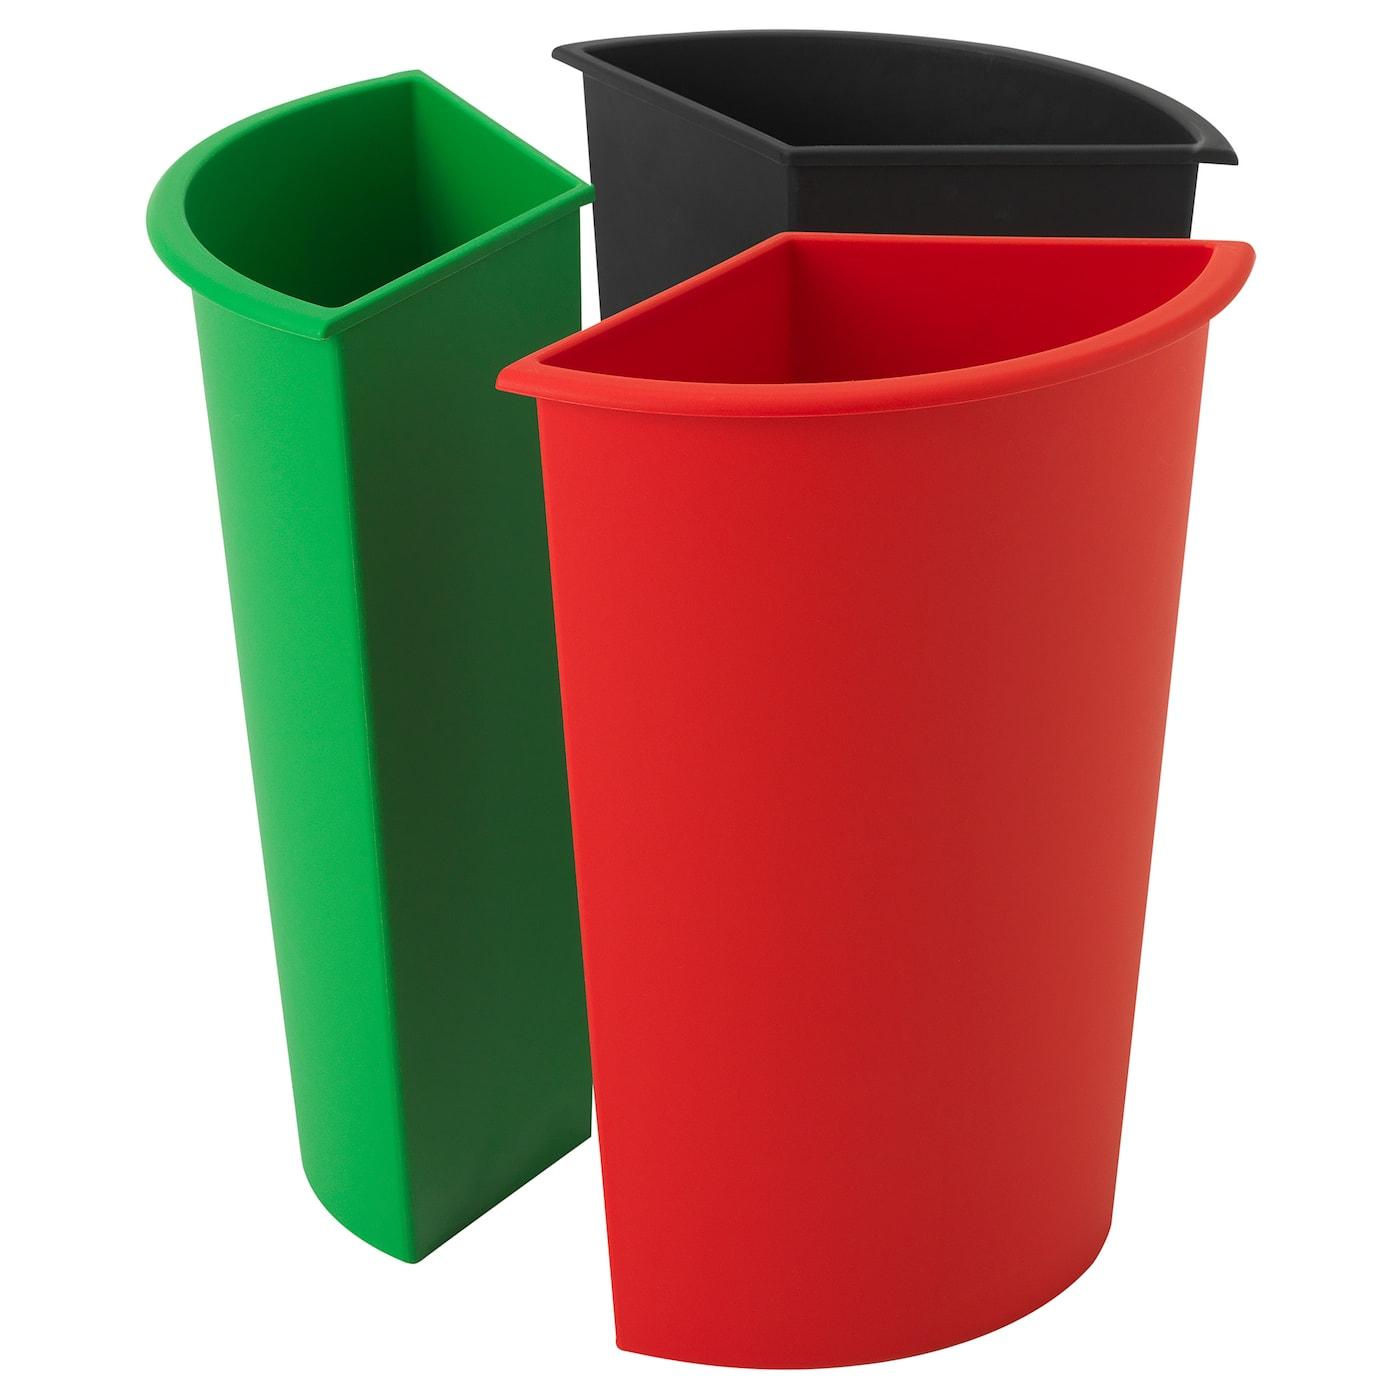 Cubos para la cocina y para reciclaje compra online ikea for Pattumiera differenziata ikea